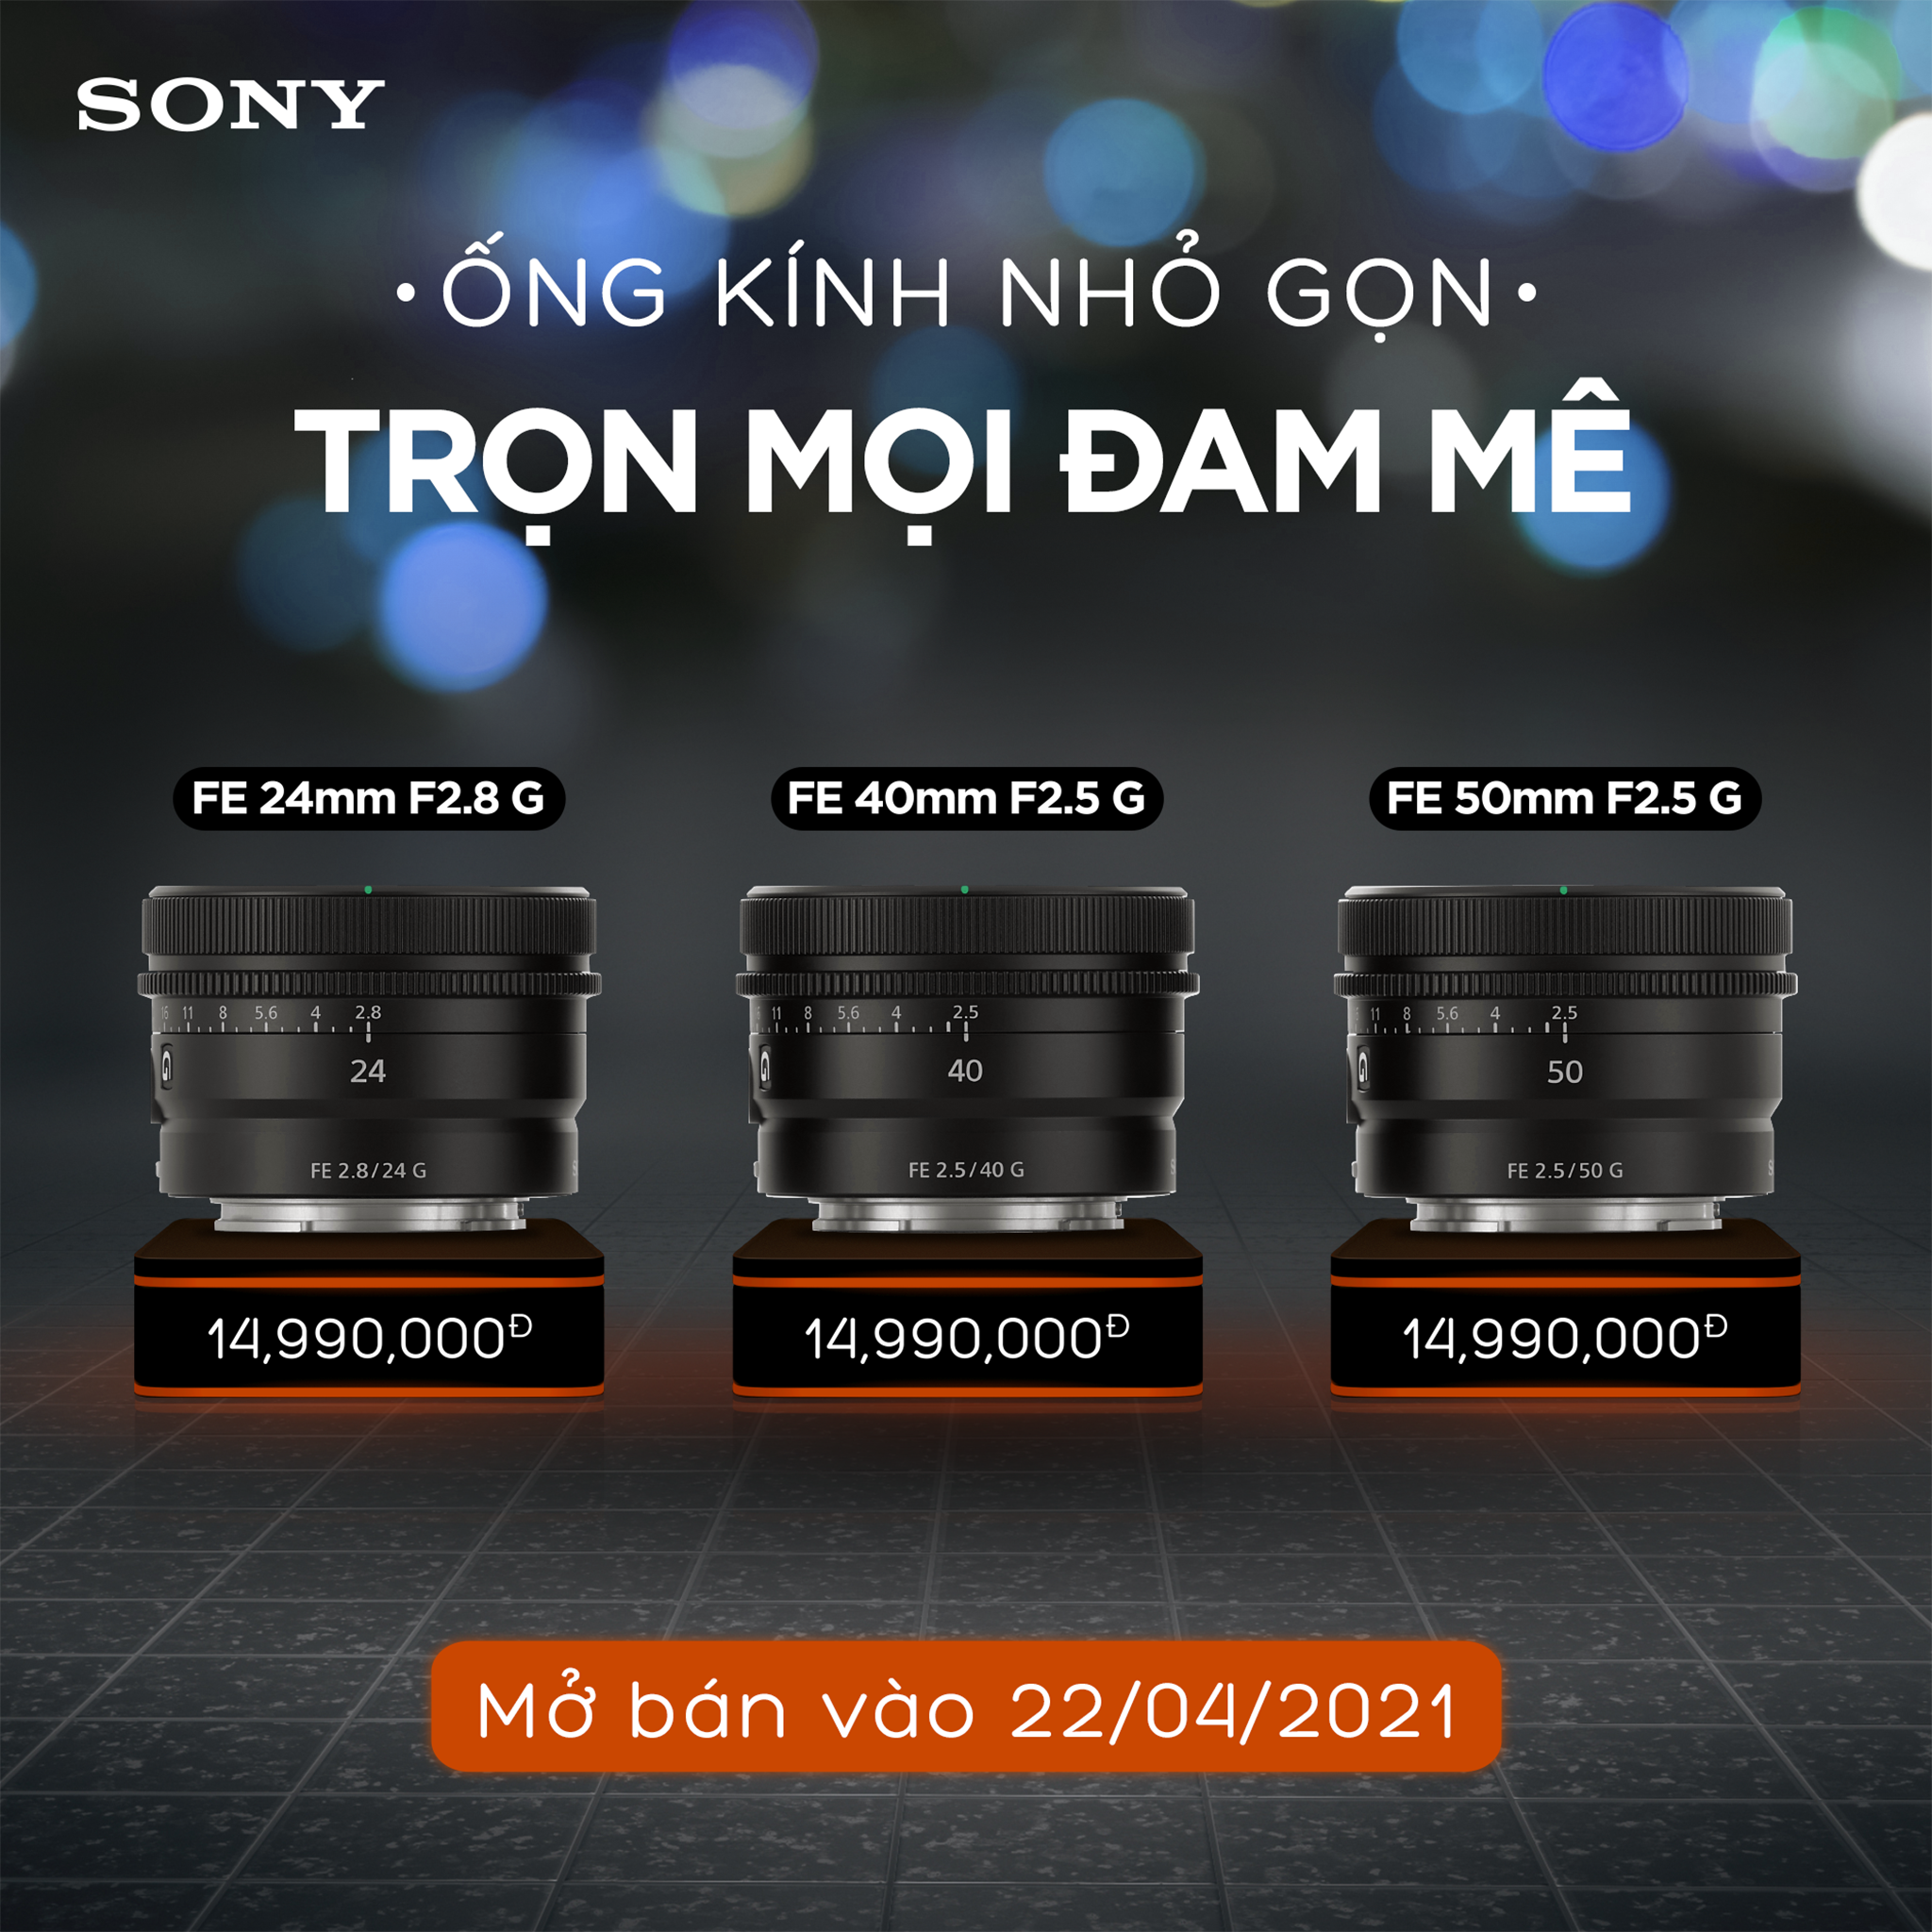 Sony ra mắt ống kính FE 50mm F1.2 G Master và 3 ống kính dòng G nhỏ gọn nhẹ mới, giá 49.99/14.99 triệu đồng - Ảnh 14.